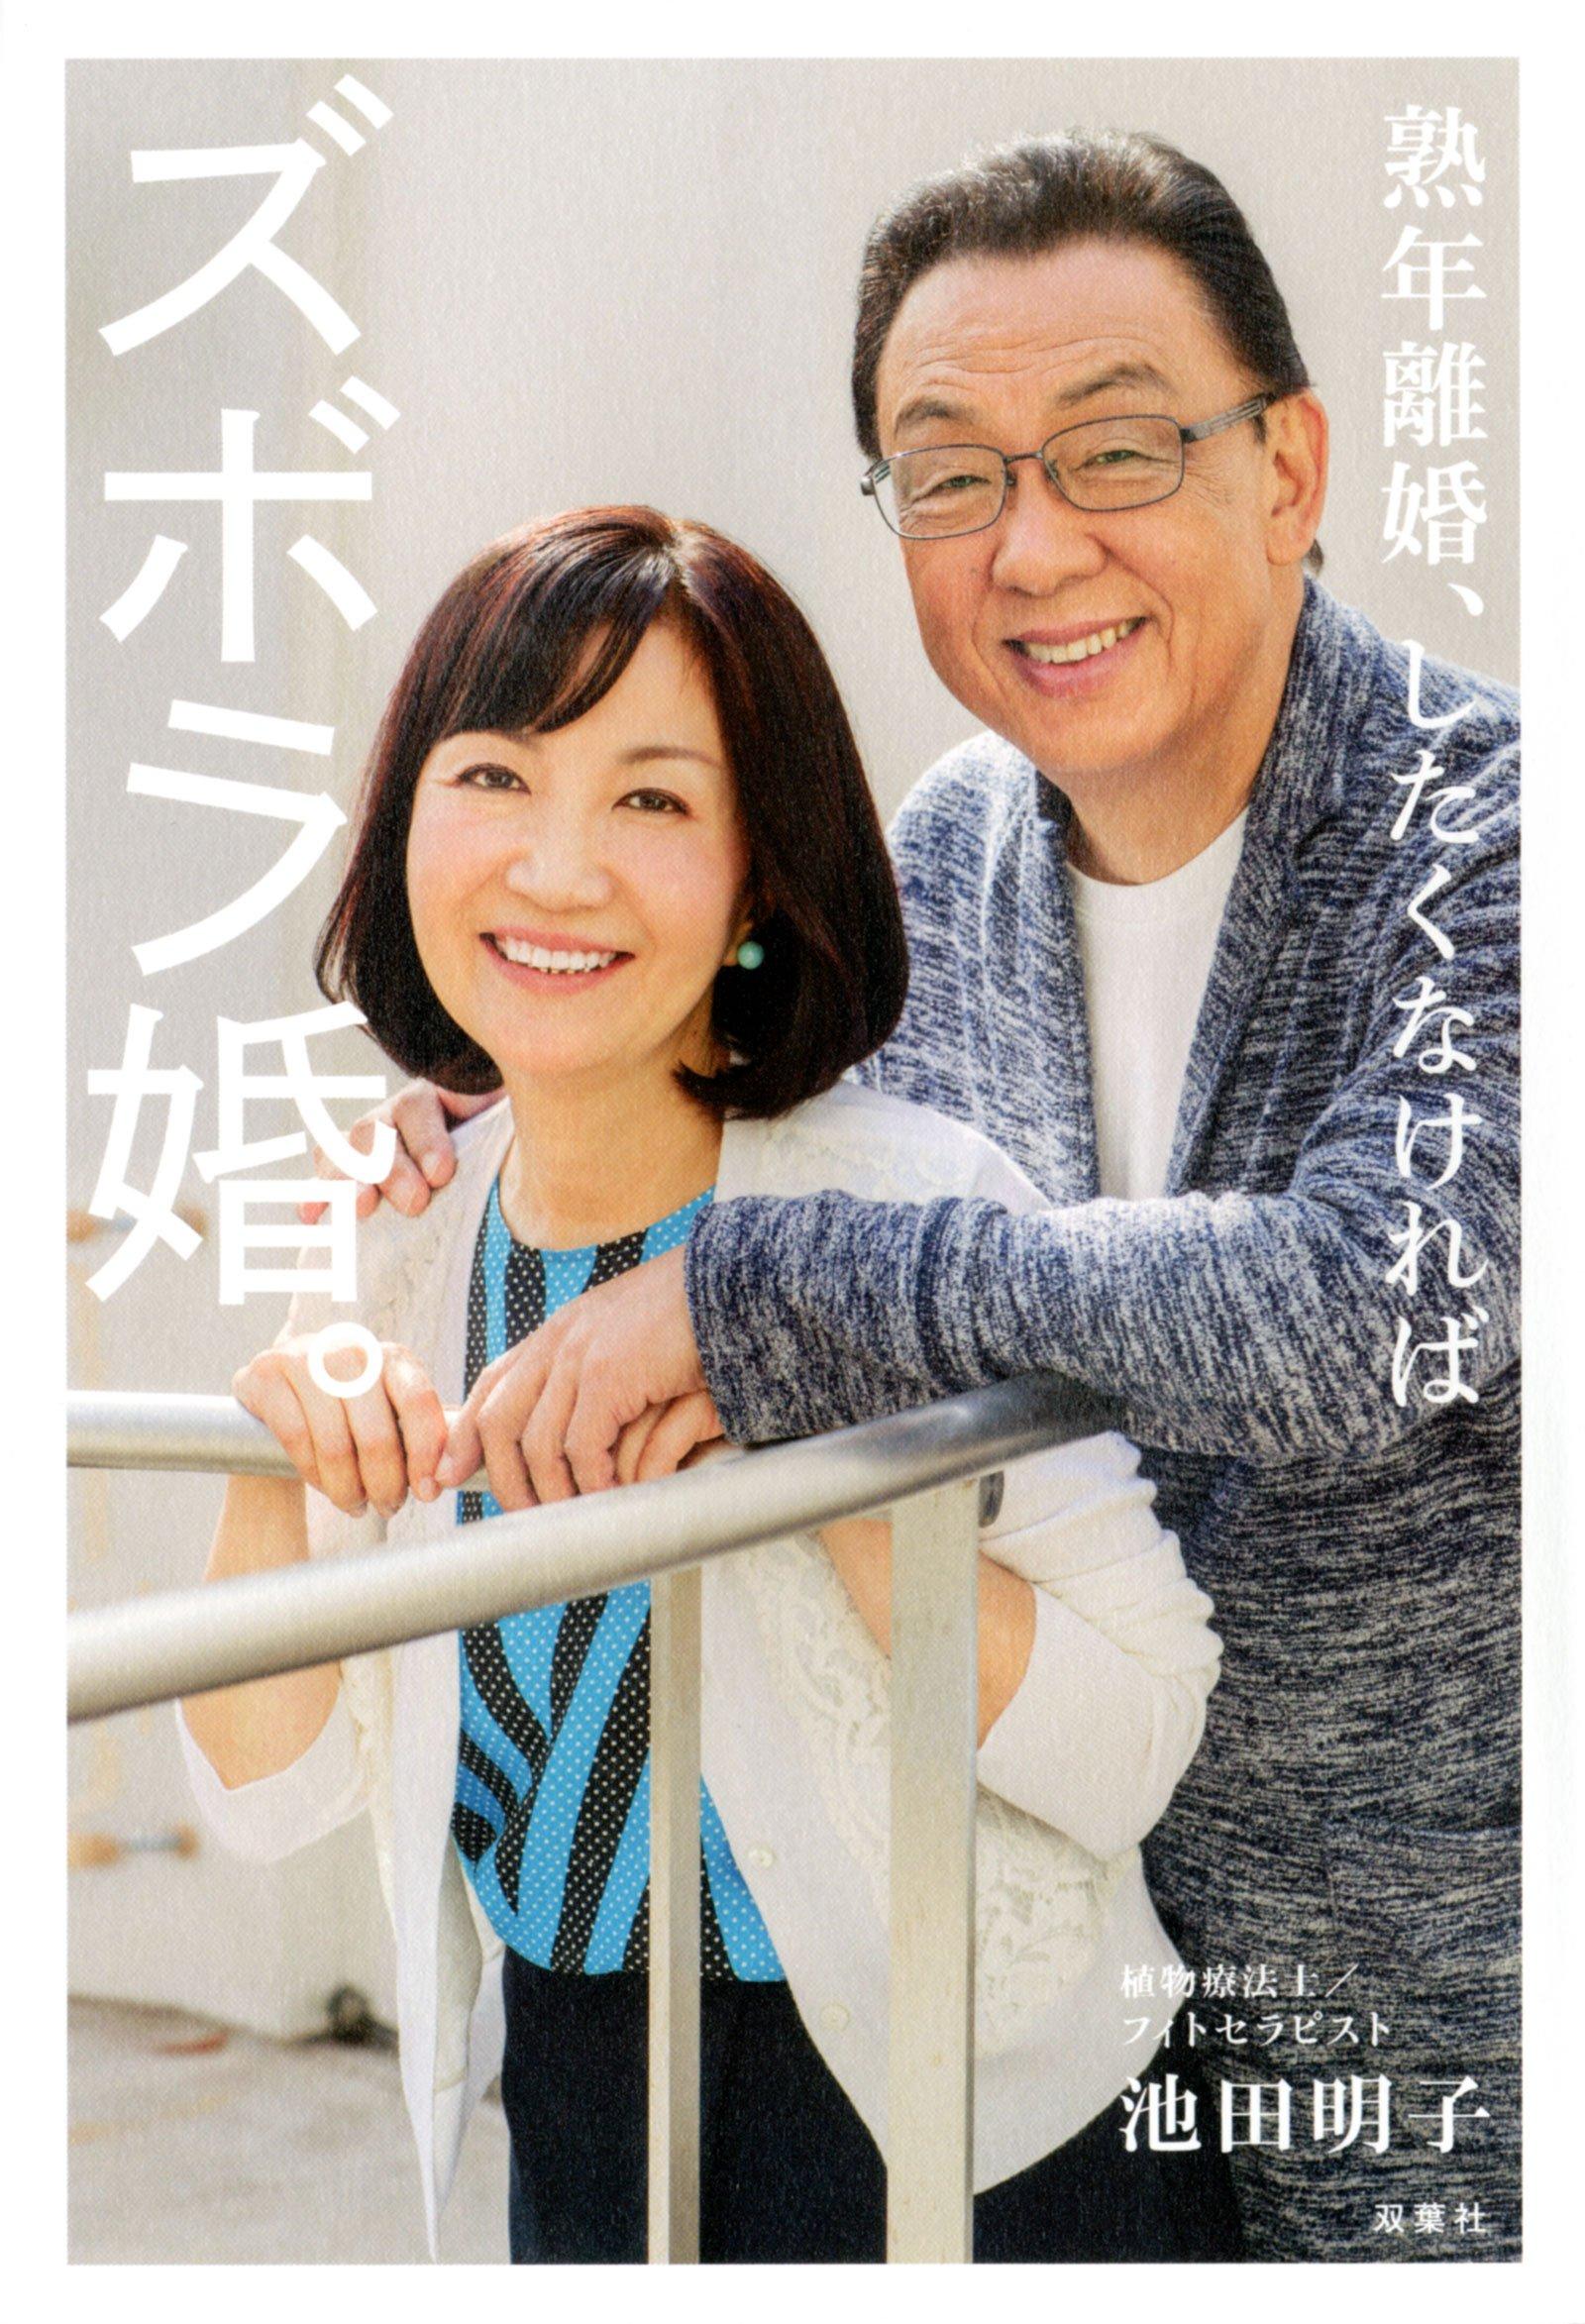 熟年離婚、したくなければズボラ婚。池田 明子  (著)